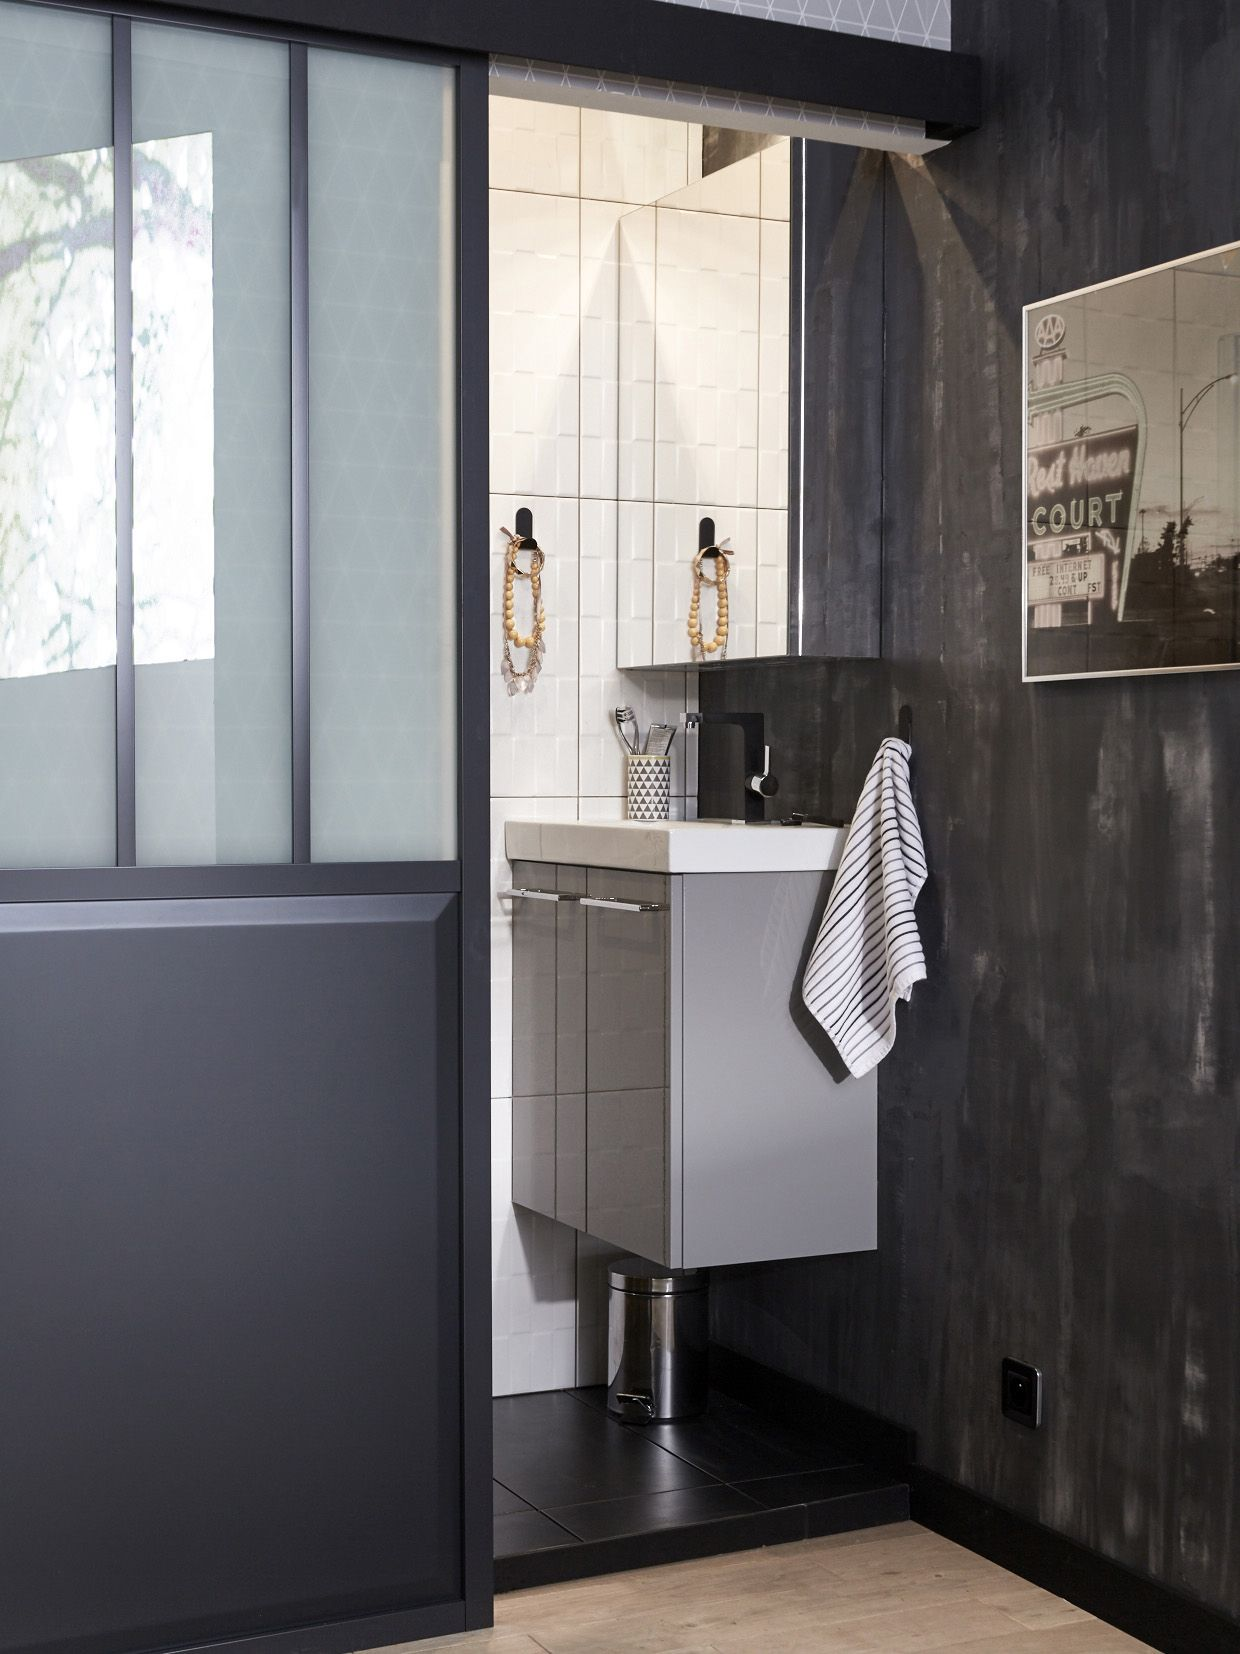 salle de bains compacte et moderne dans une ambiance no industrielle ferme par une cloison style atelier salledebains moderne ideedeco cloison